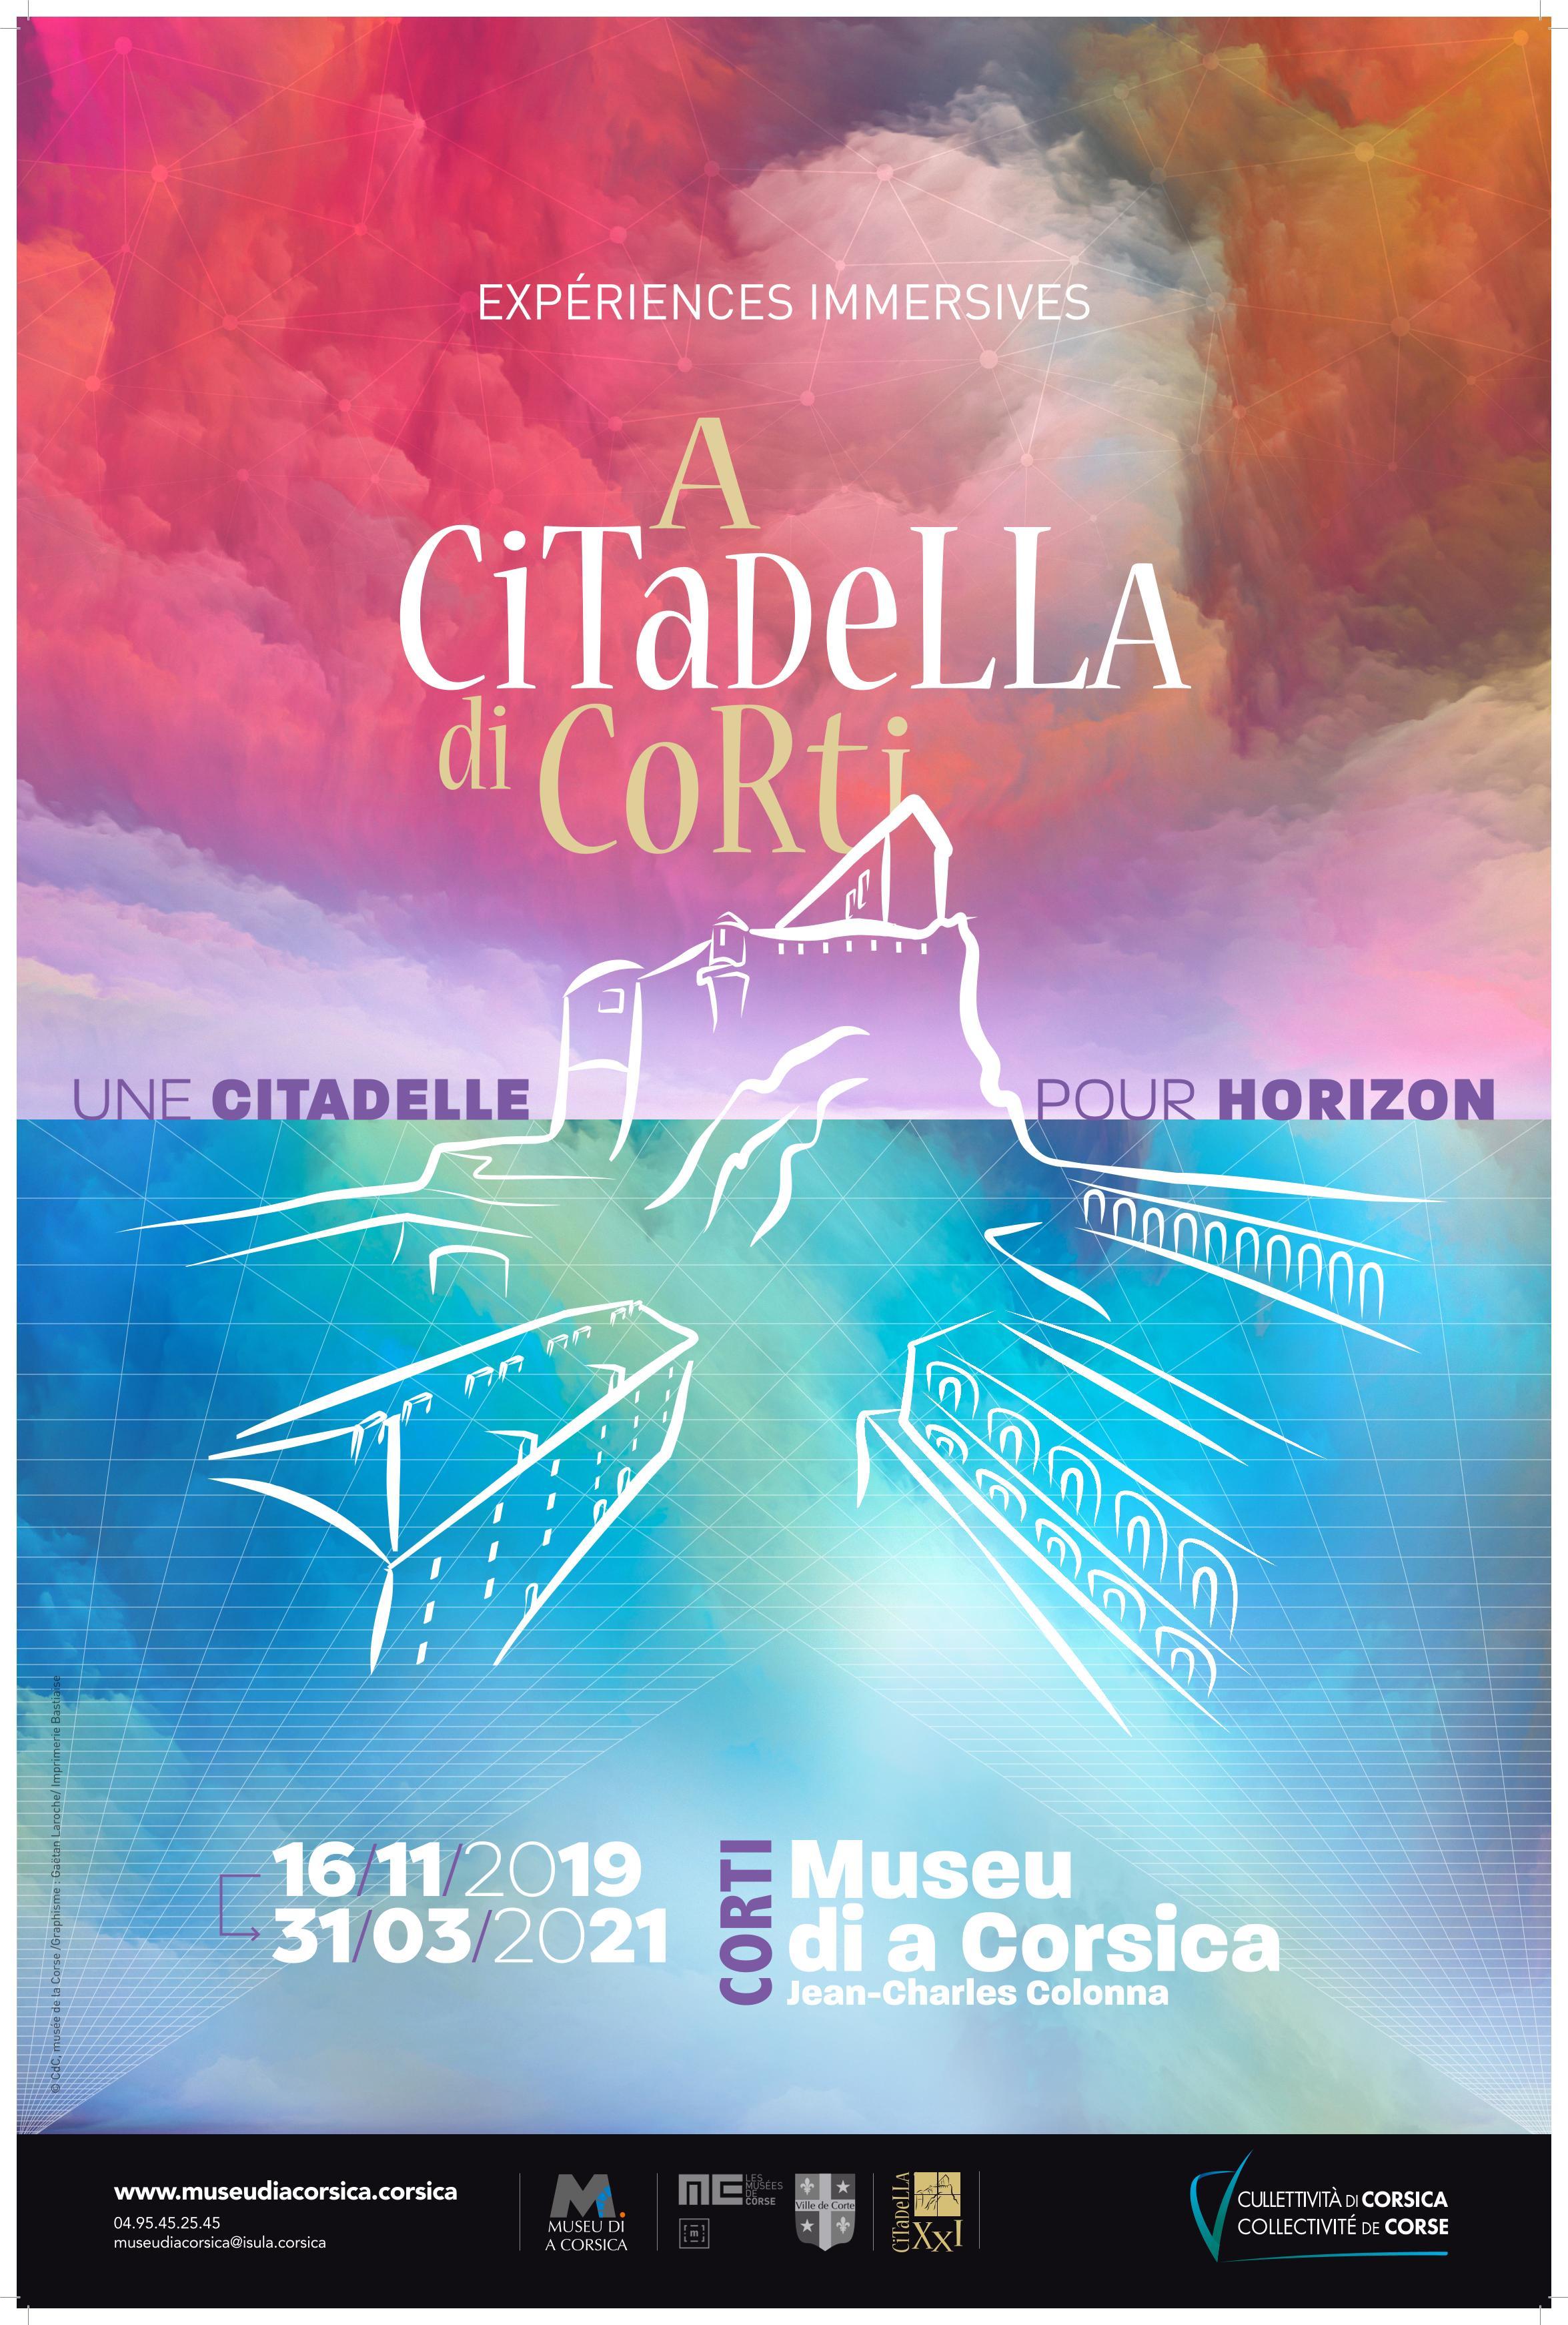 """Exposition : """"A citadella di Corti - Une citadelle pour horizon"""" / Expériences immersives  - Musée de la Corse - Corte"""